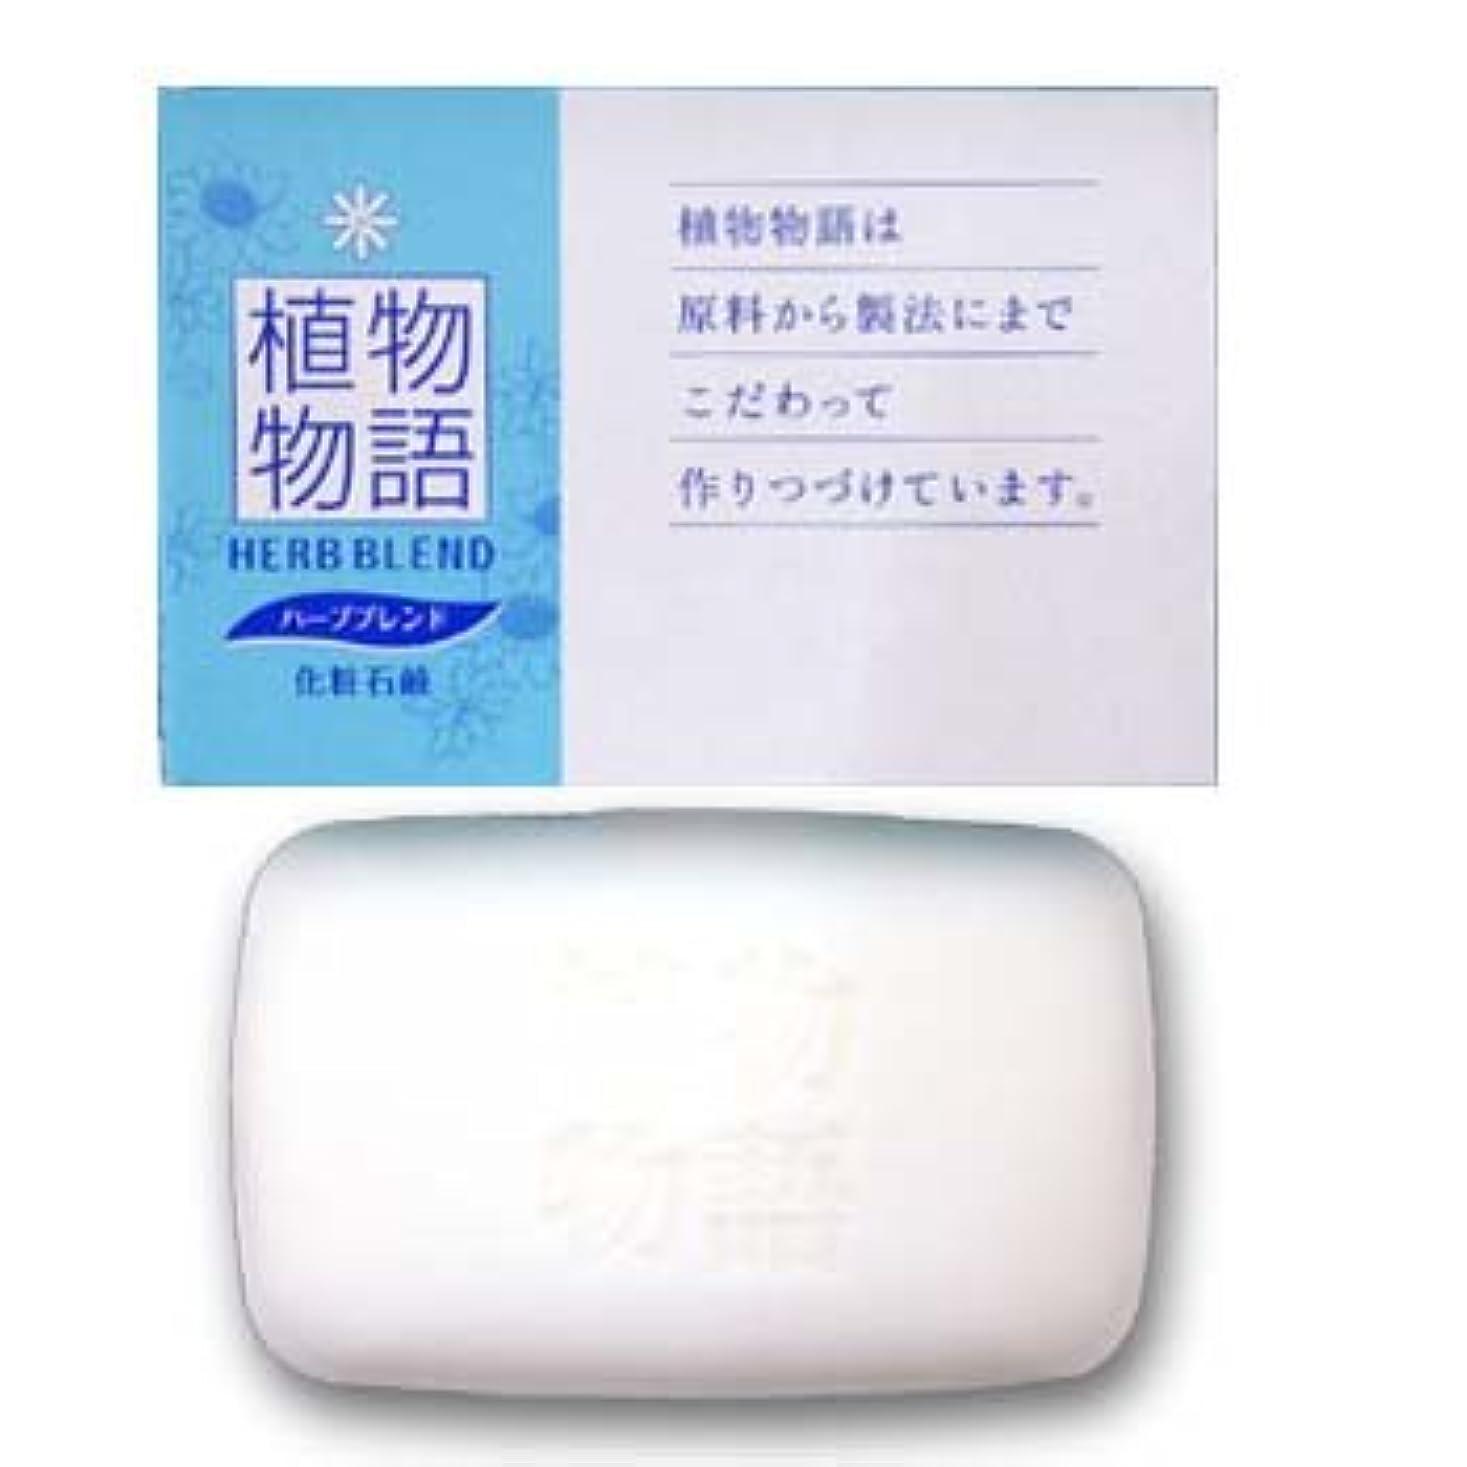 タイマーすすり泣き間欠LION 植物物語石鹸80g化粧箱入(1セット100個入)